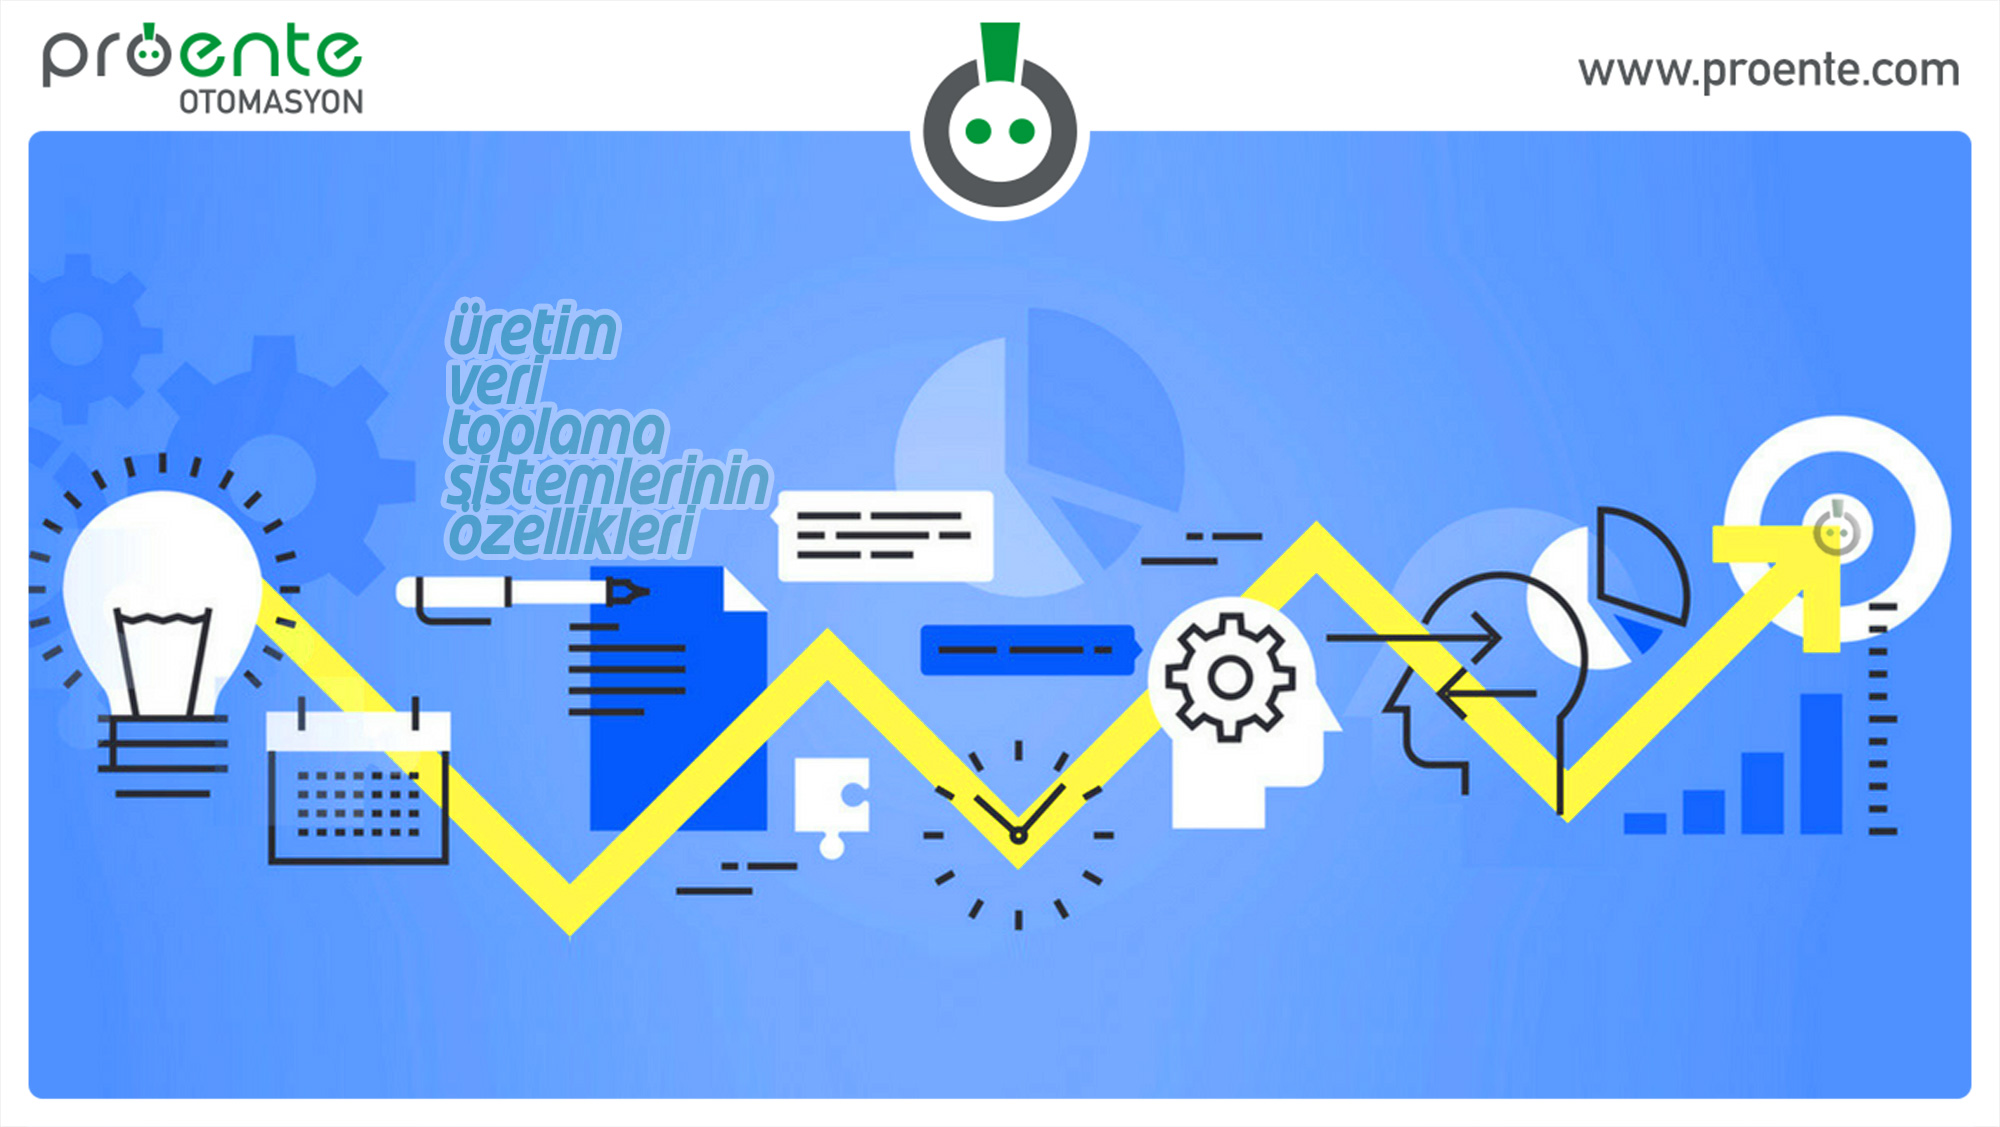 üretim veri toplama sistemleri özellikleri, veri toplama özellikleri, fabrika verileri toplama,